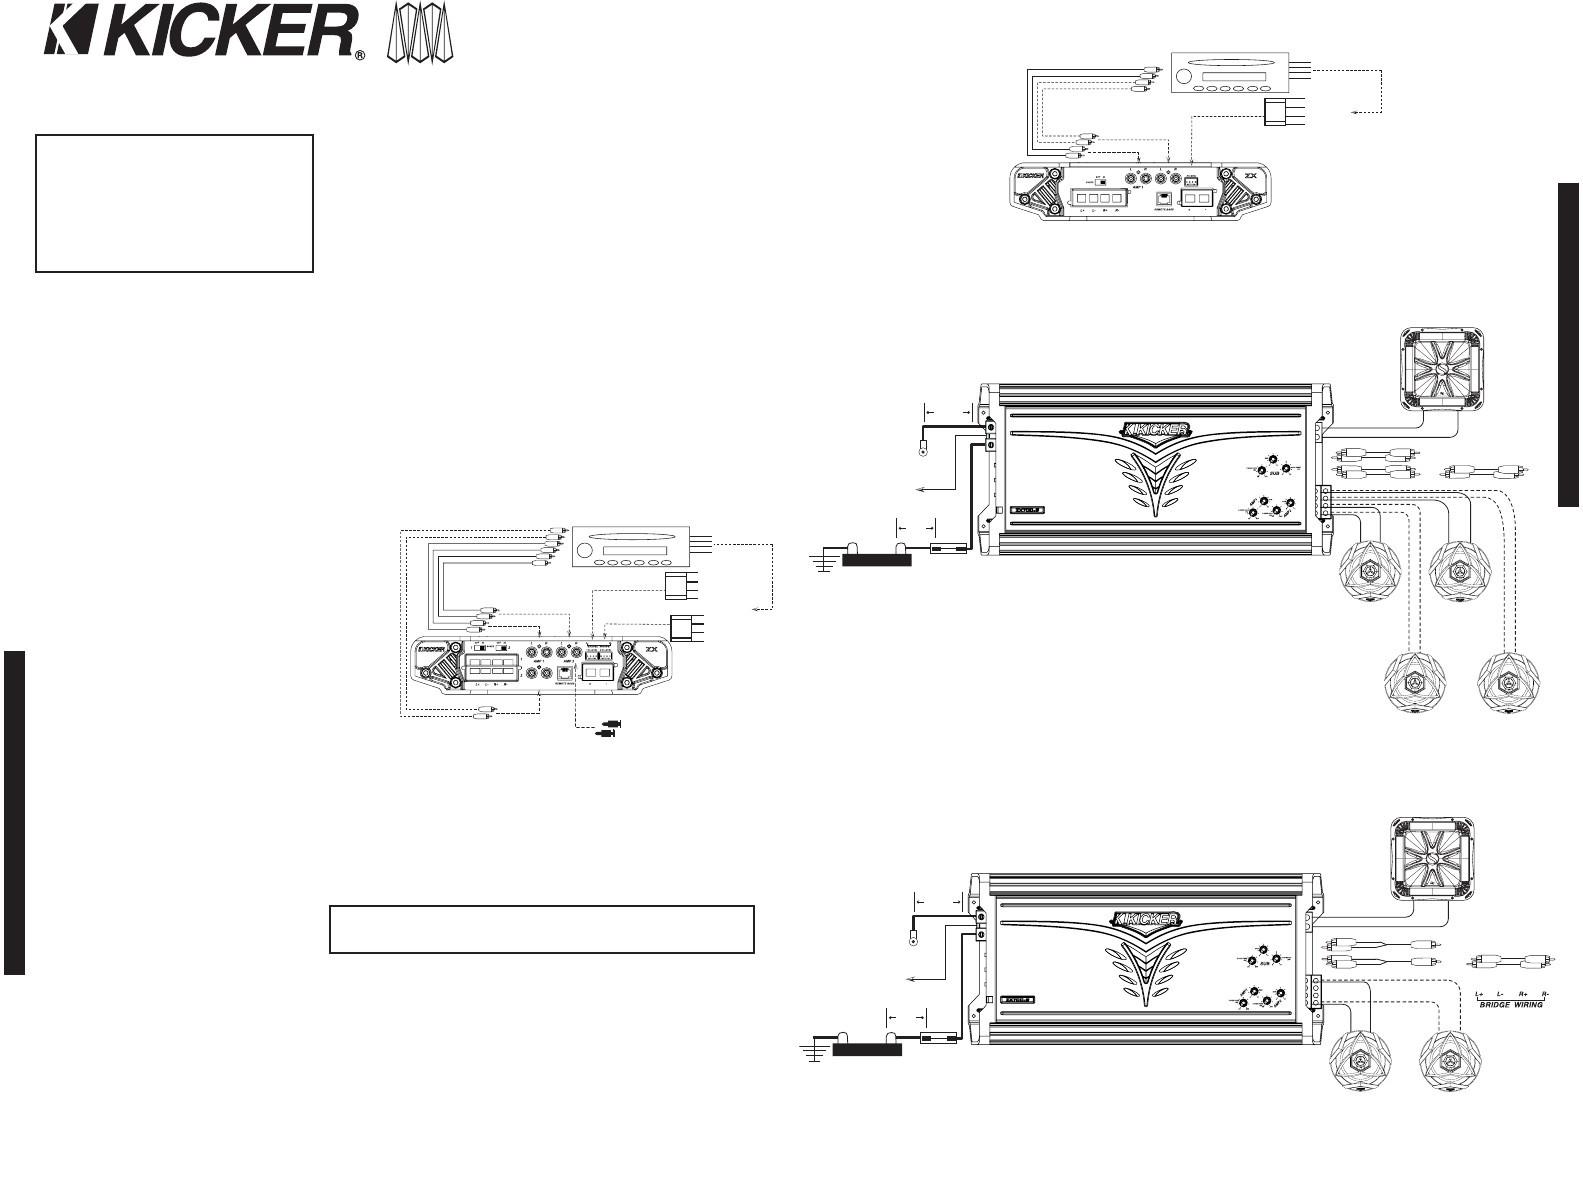 Kicker Wiring Diagrams Image Wiring Diagram Collections Alpine Speaker Wiring Diagram Kicker Speaker Wiring Diagram 3